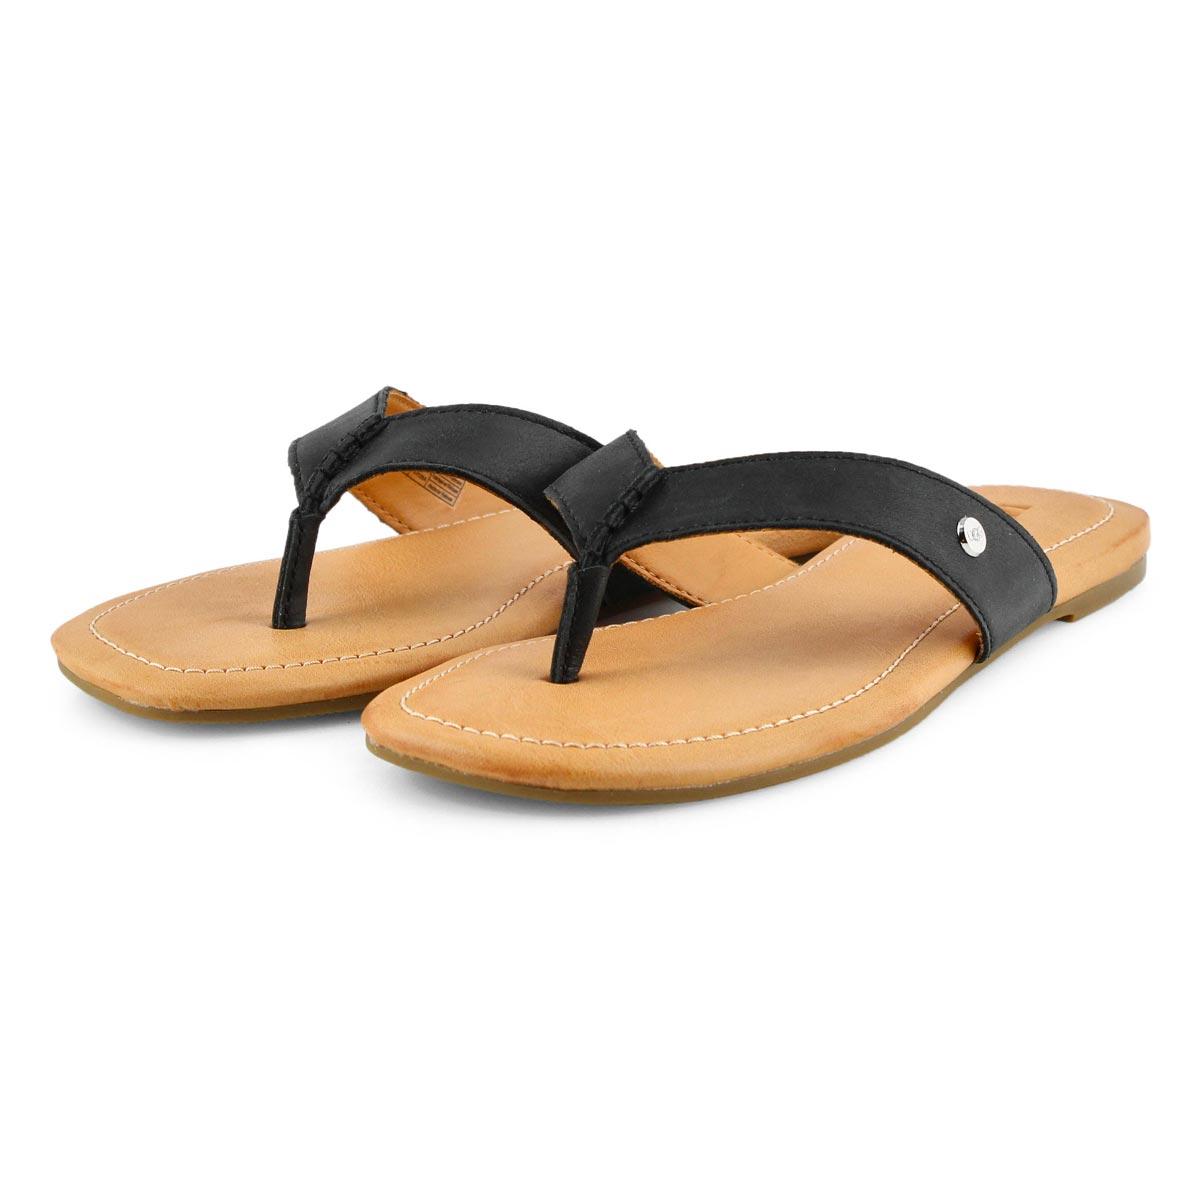 Lds Tuolumne black thong sandal